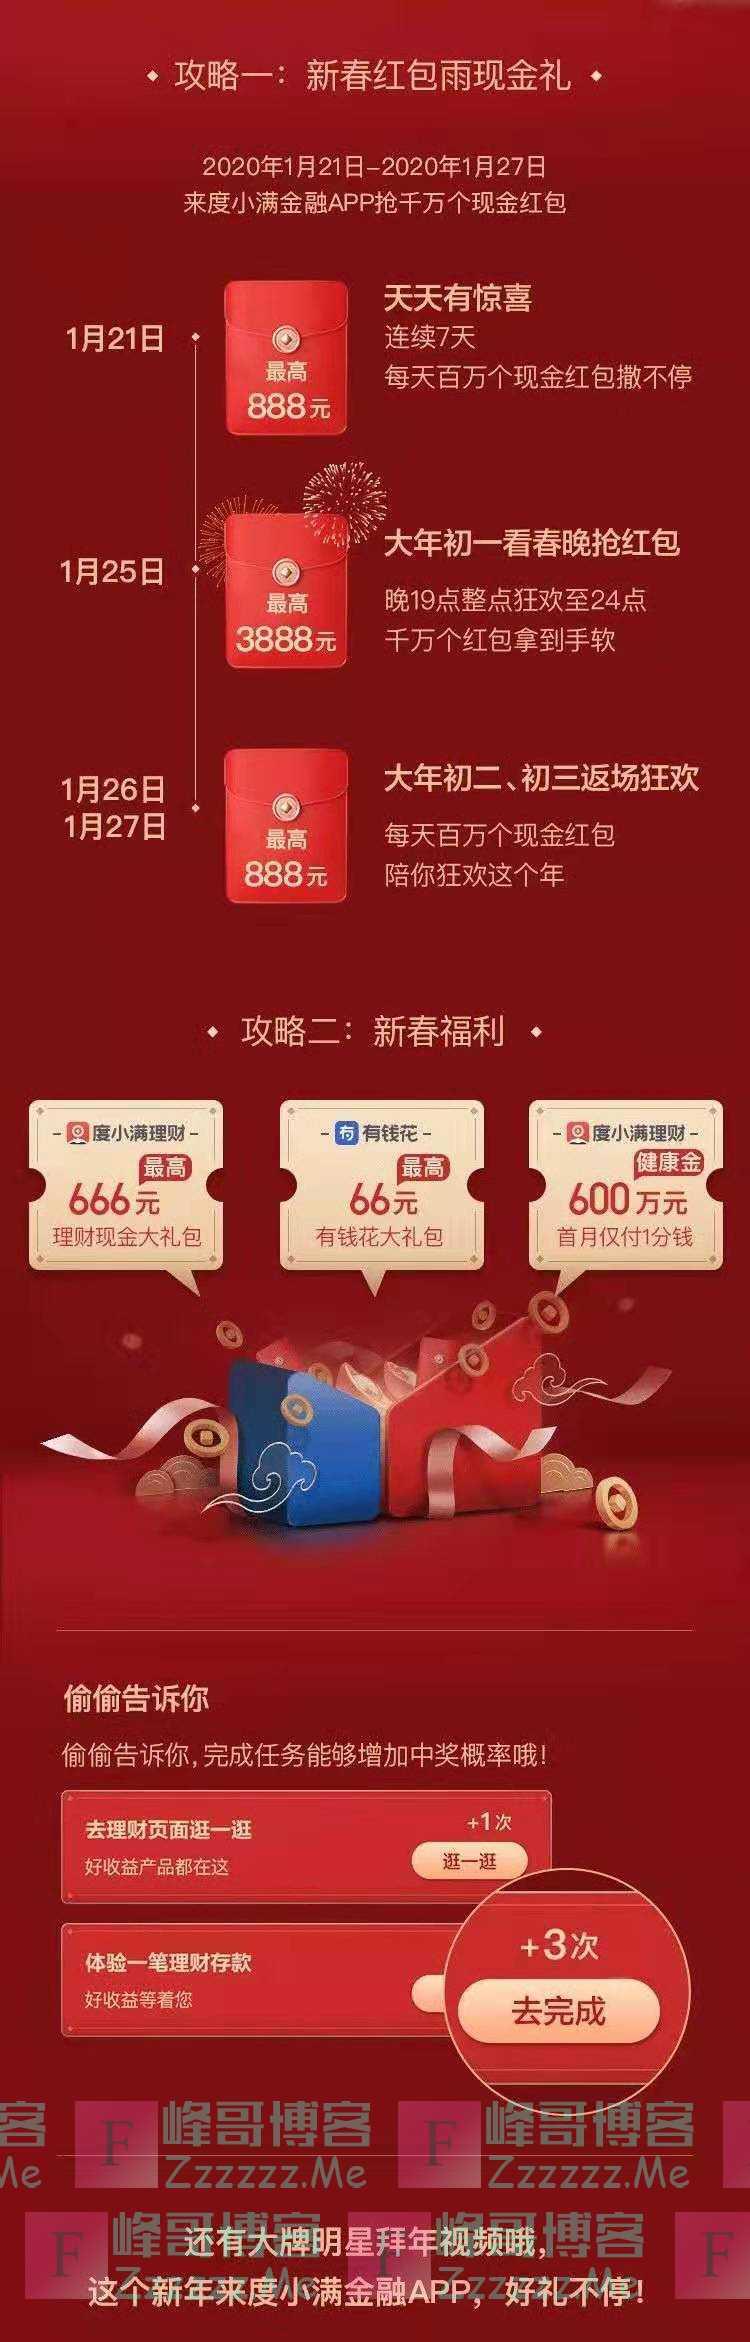 度小满金融新春红包雨(截止1月27日)